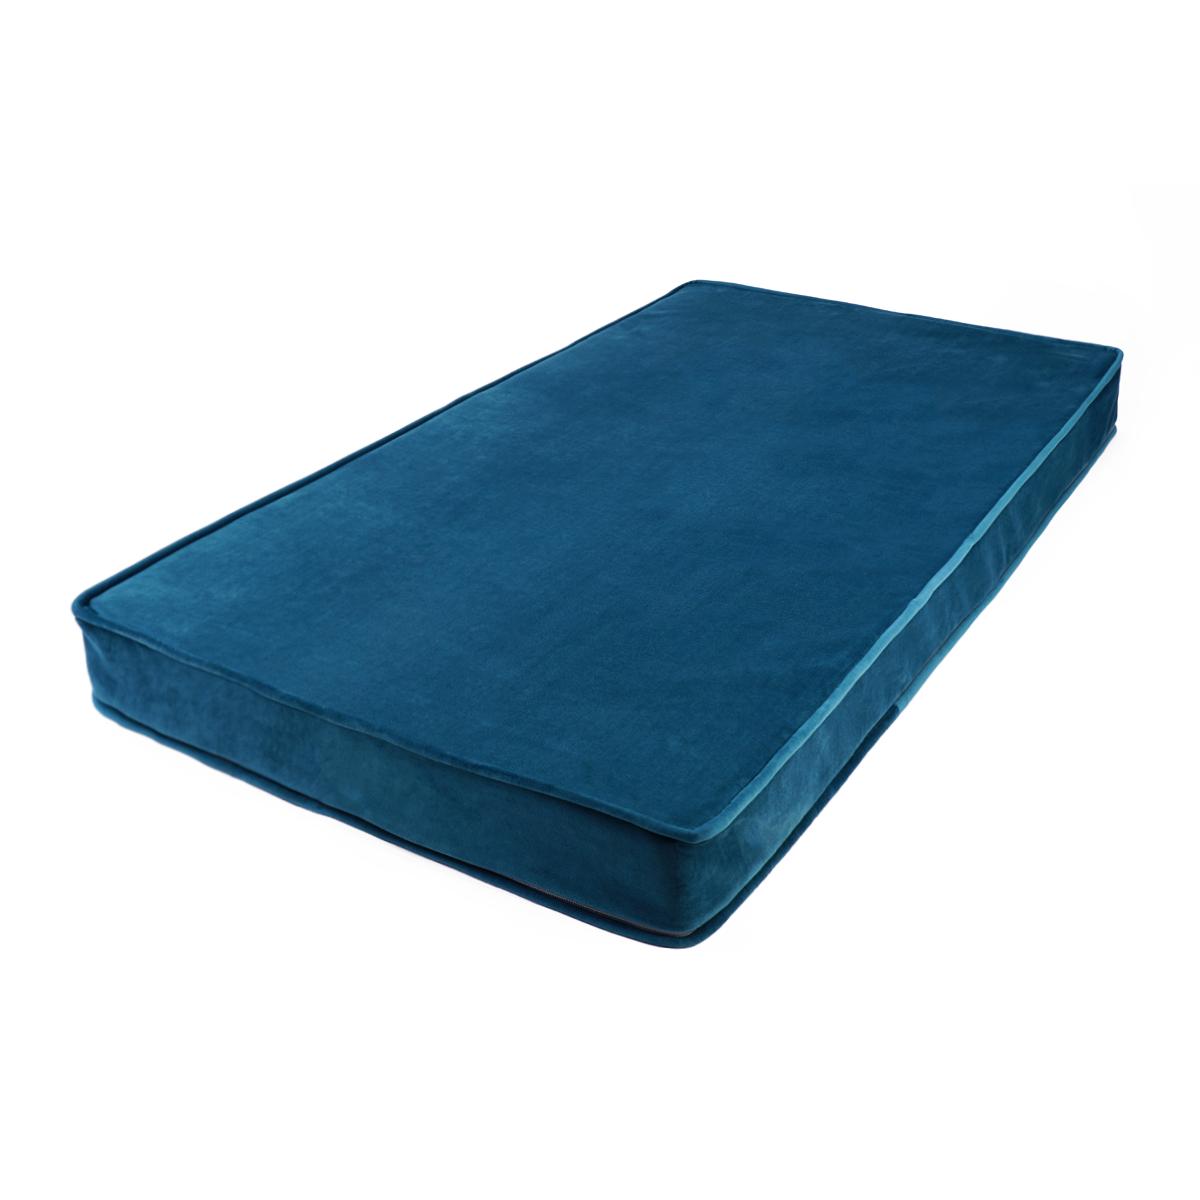 Mattress/Play Matt for Children Velvet | Turquoise